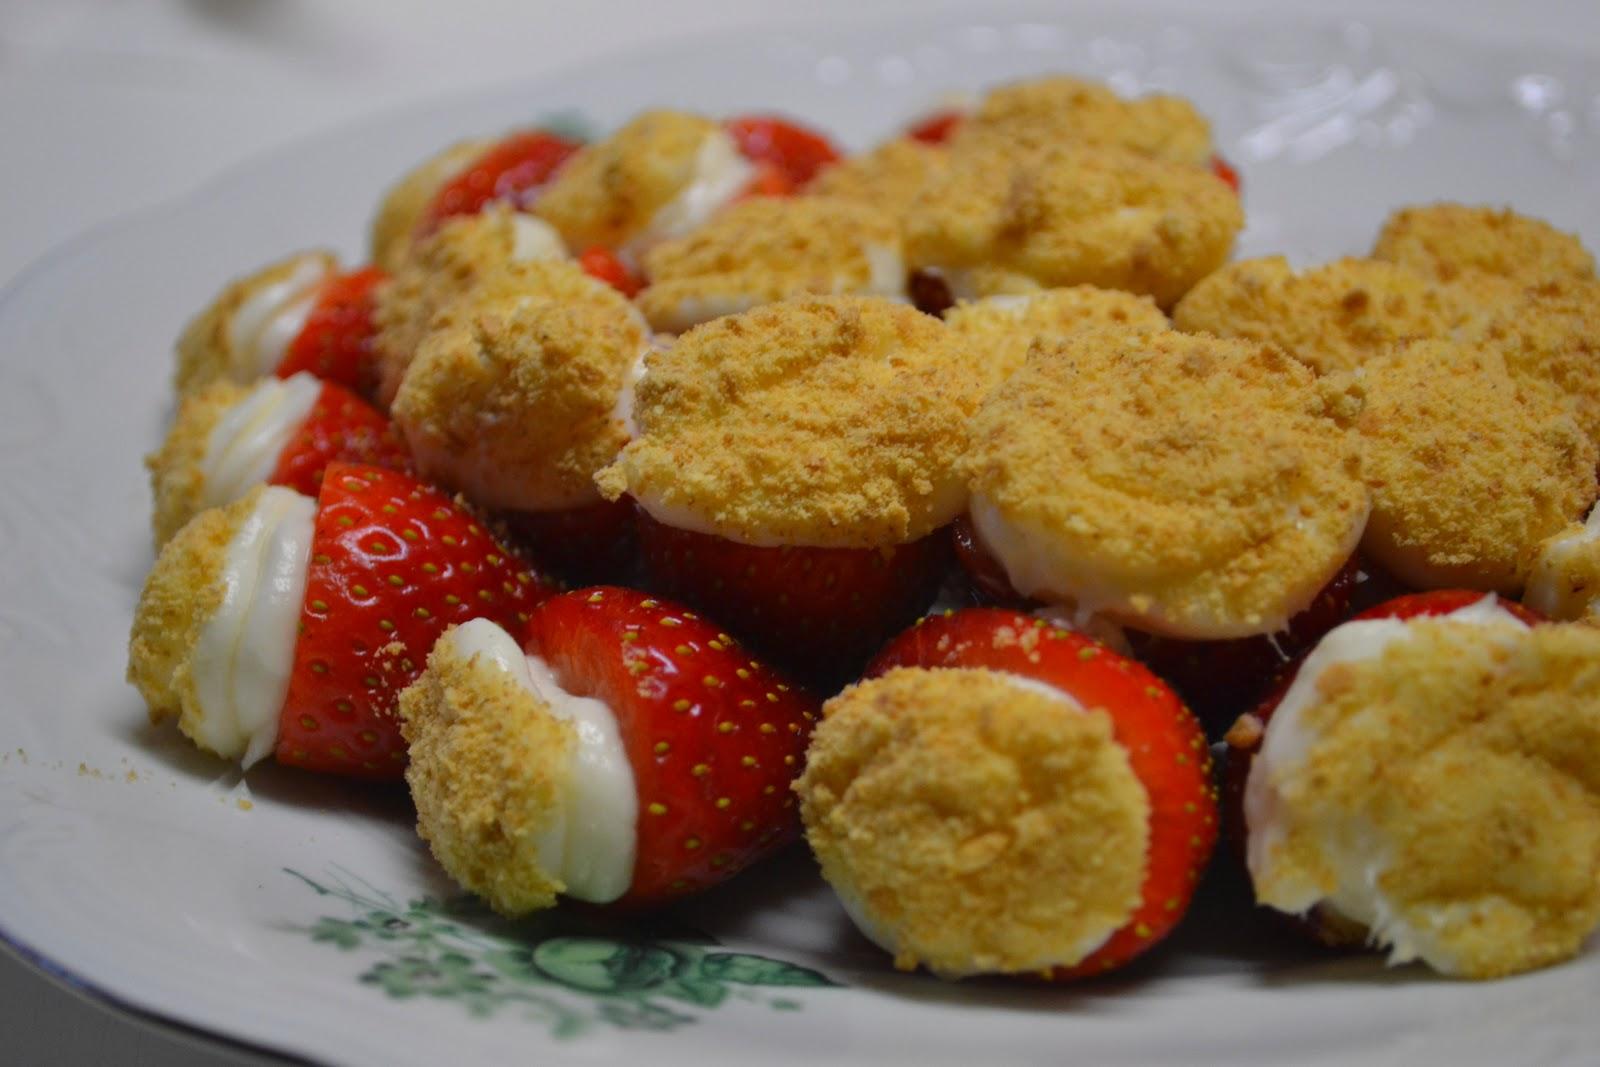 Strawberry Cheesecake Bites - Mrs Happy Homemaker